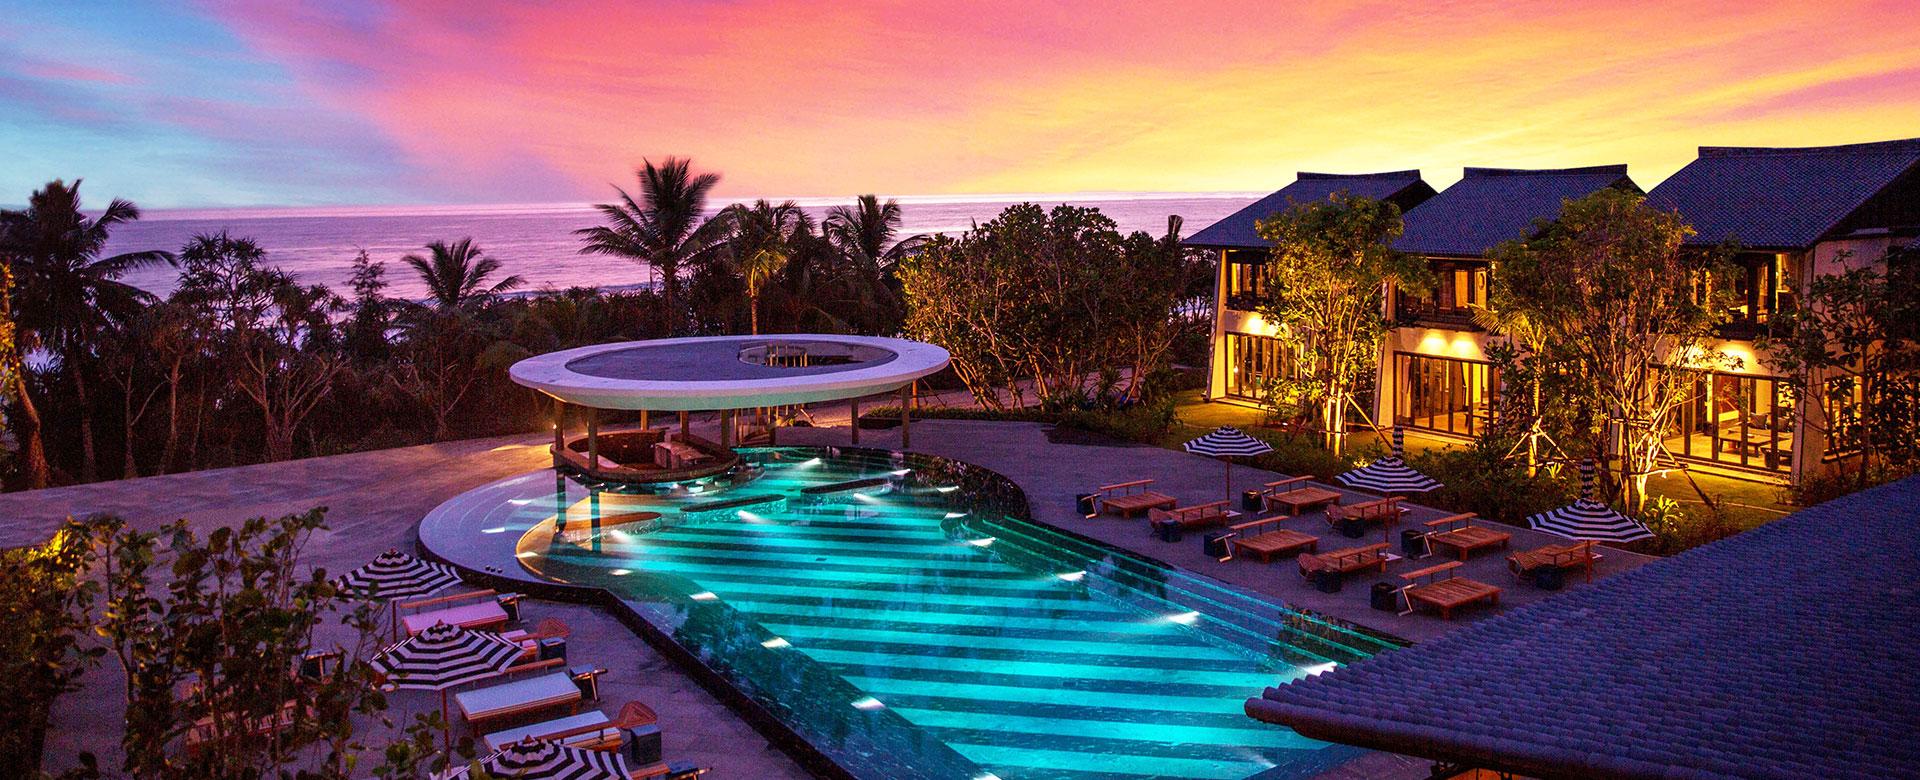 8-Over-View-Baba-Beach-Club-Phuket-Khok-Kloi-Best-Luxury-Beach-resort-Hotel